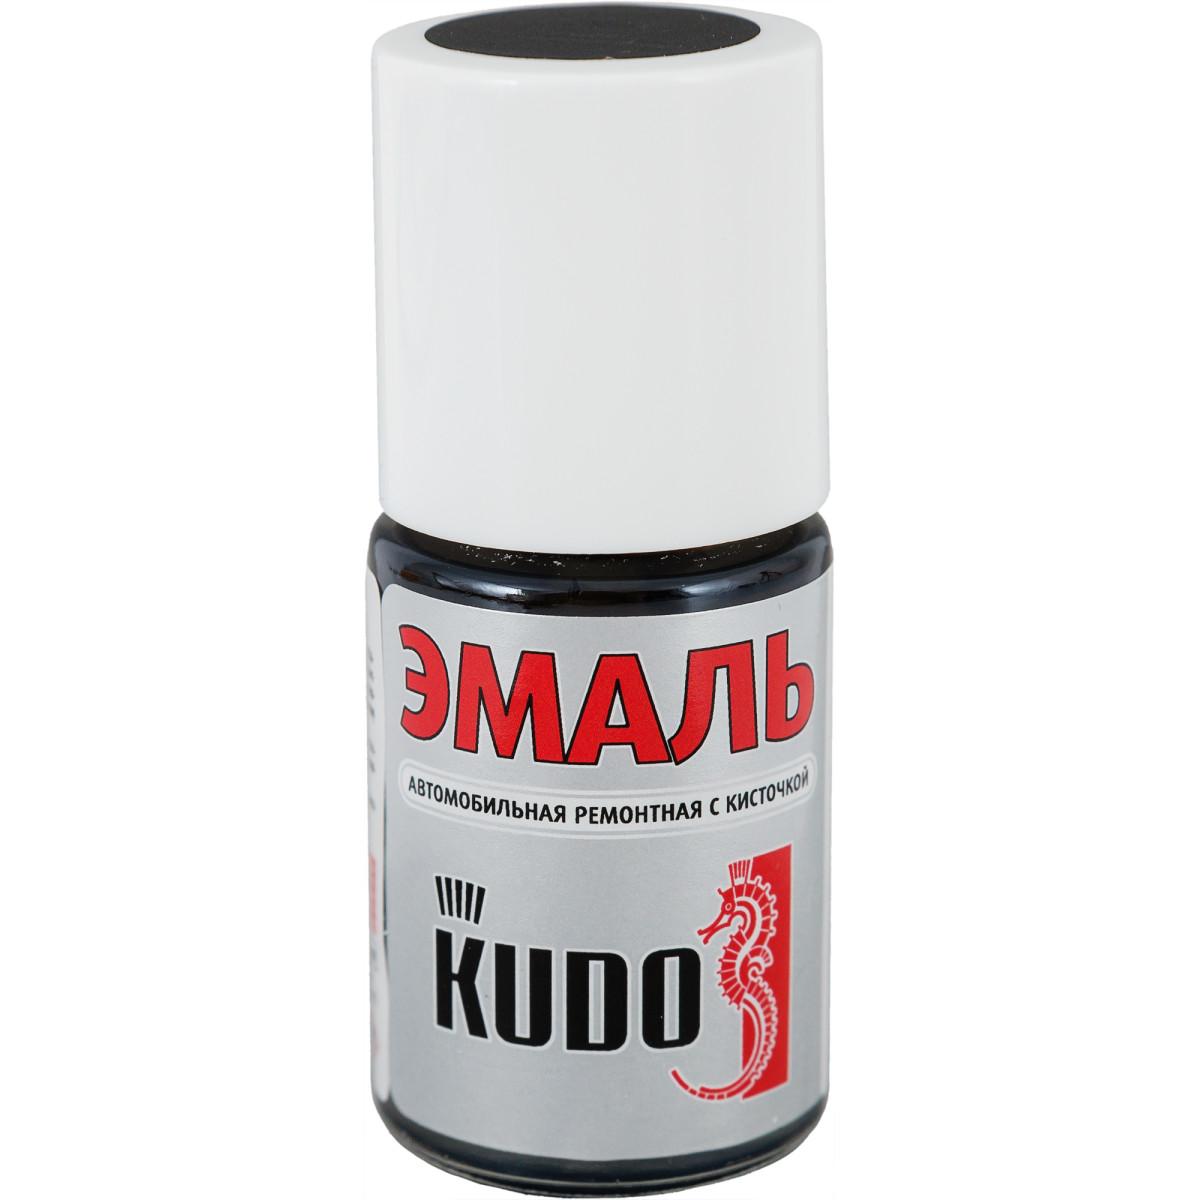 Эмаль автомобильная Kudo с кисточкой цвет 1К чёрный матовый 15 мл